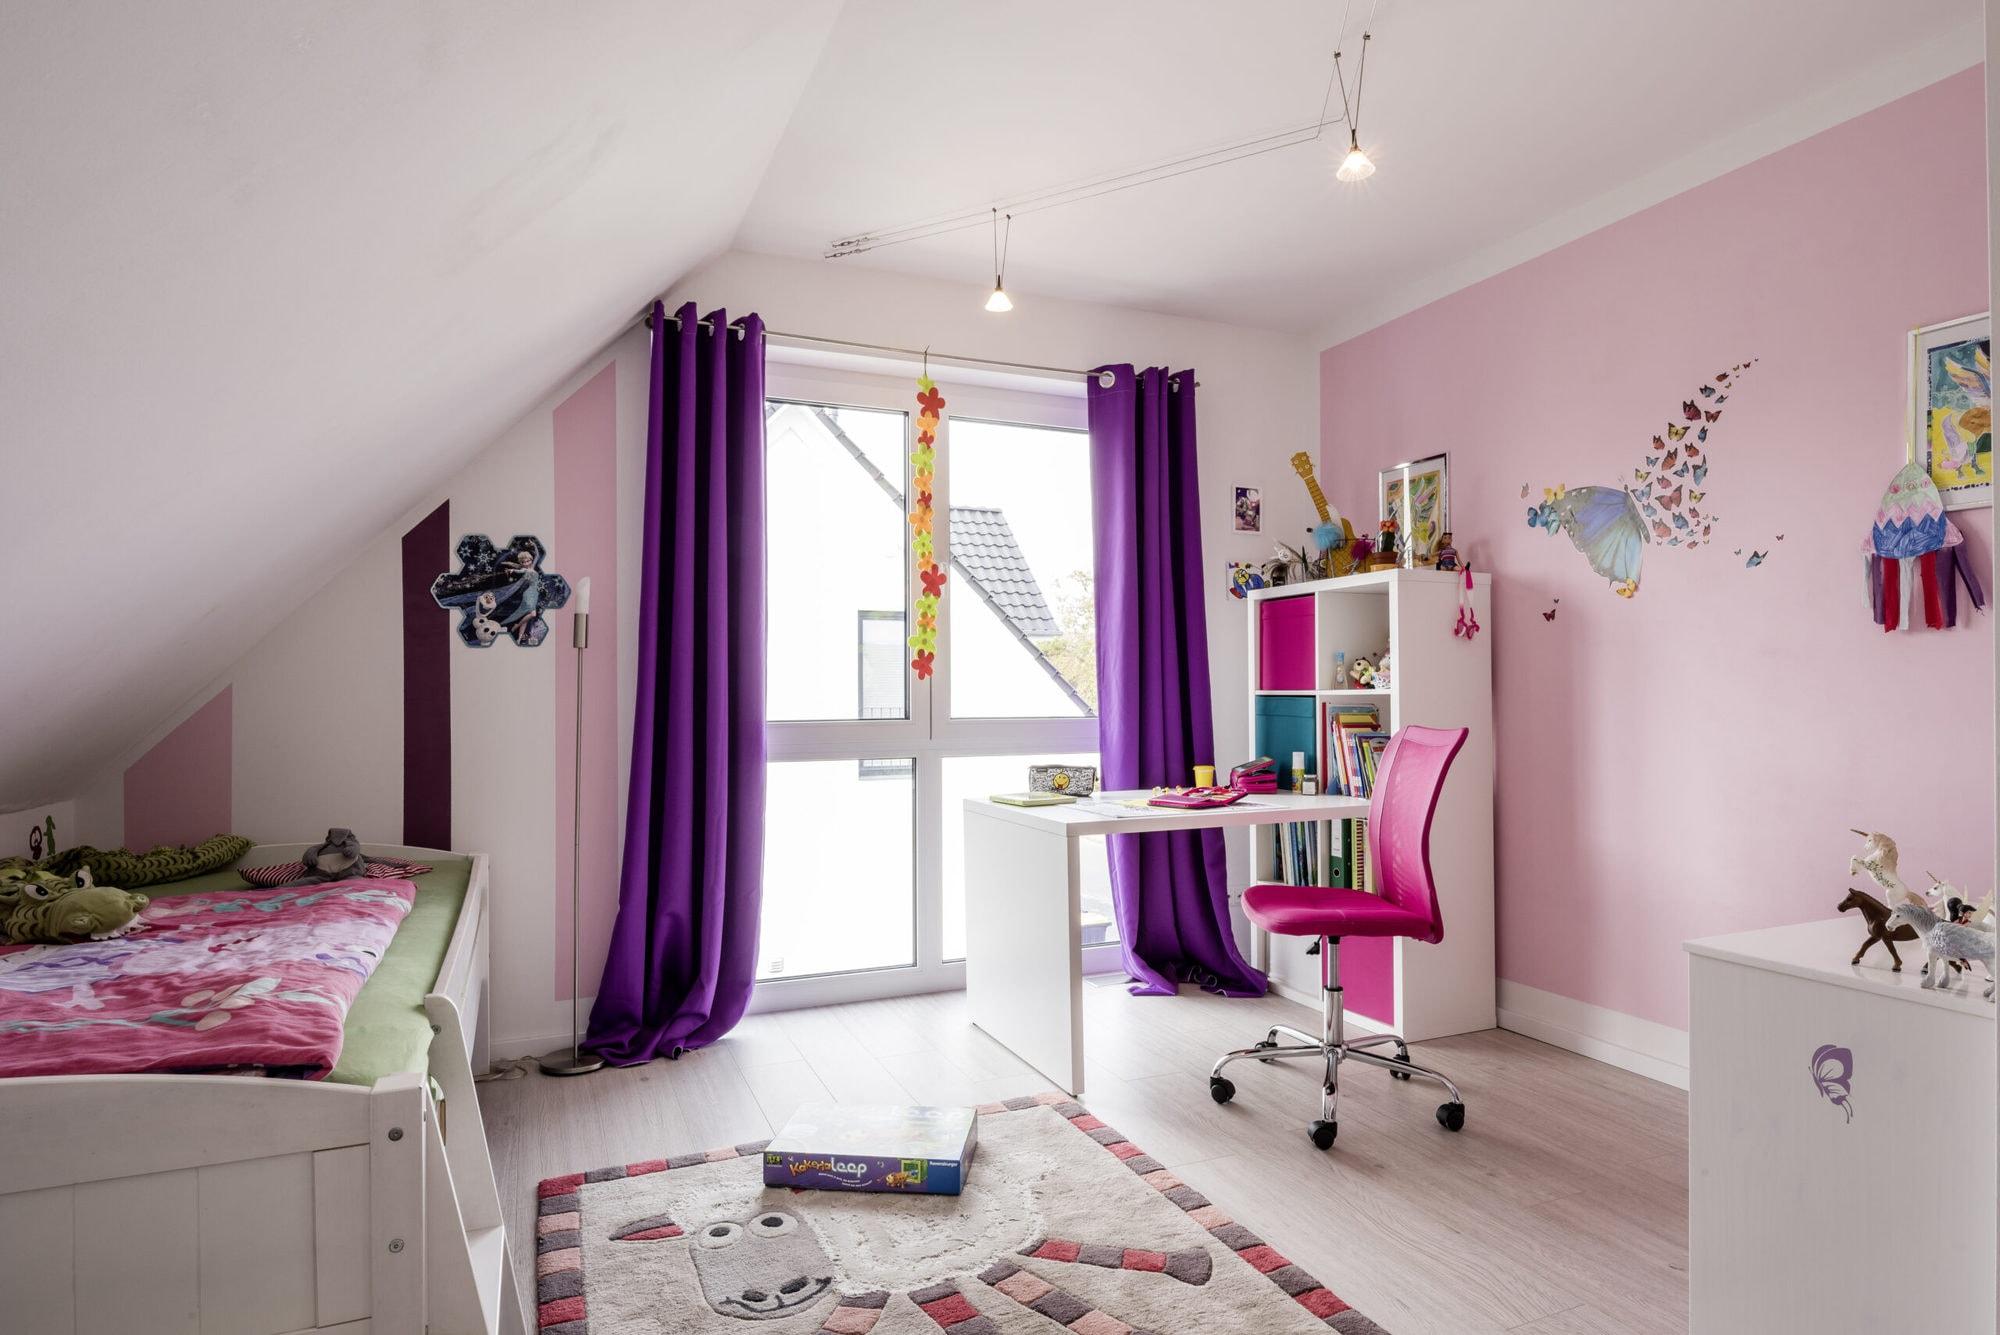 einfamilienhaus-kinderzimmer-dachschräge-fenster